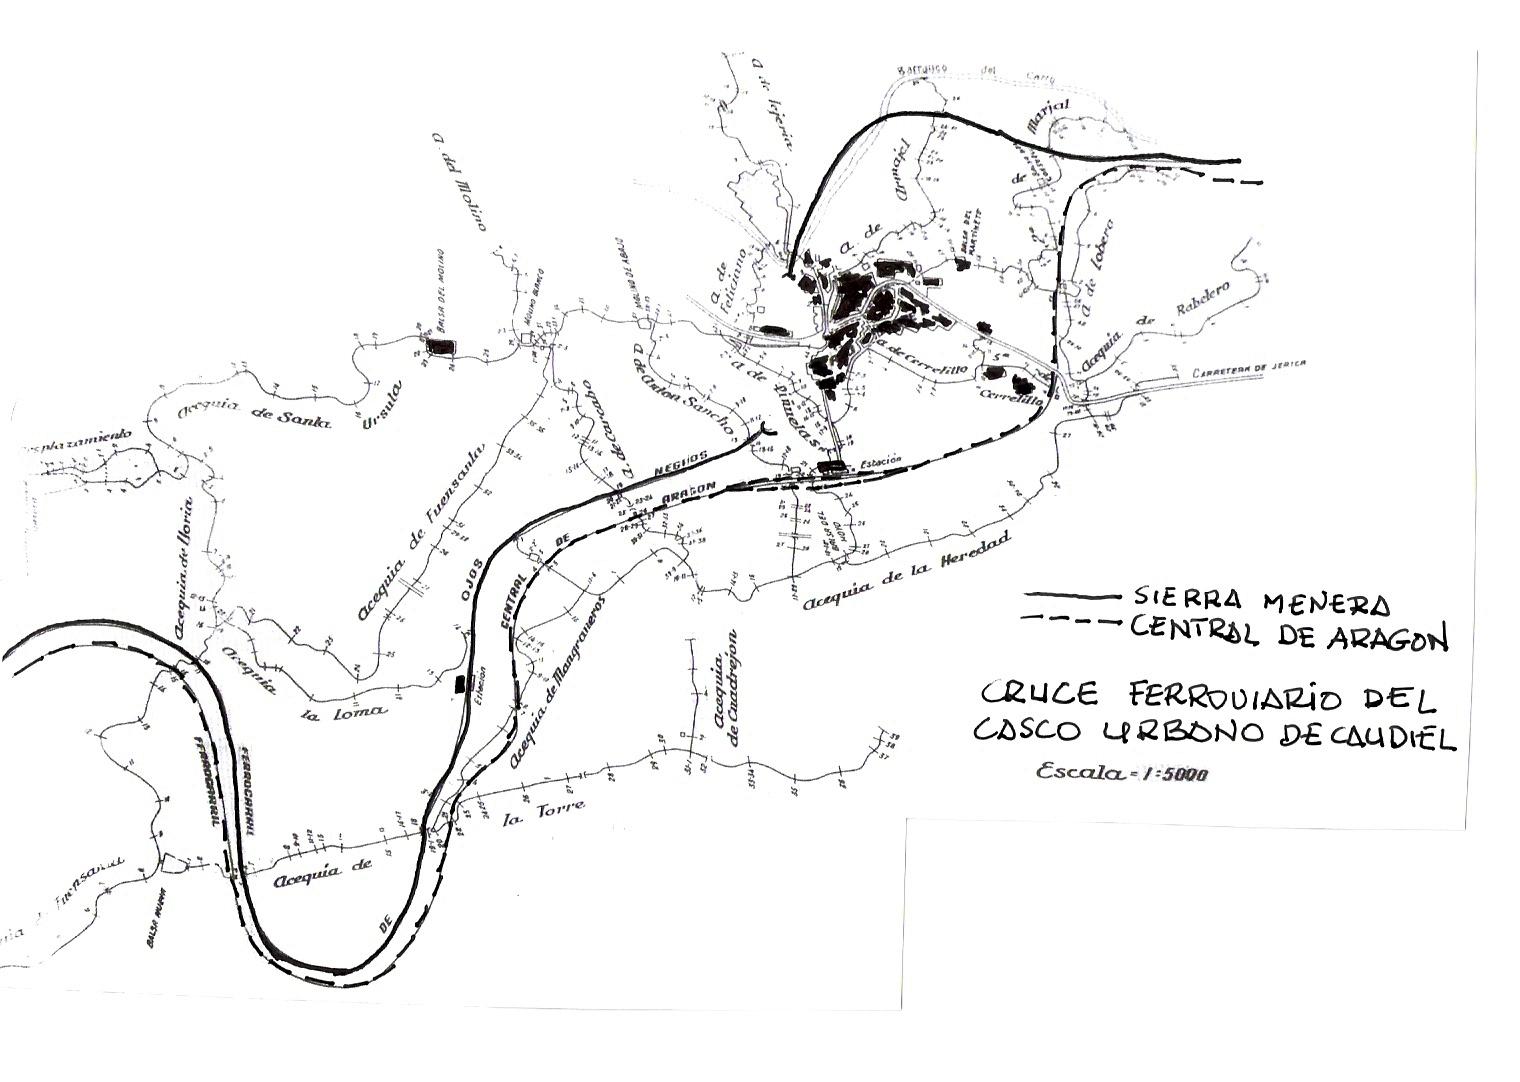 Plano de 1943, donde se observa el paralelismo entre el ferrocarril de Sierra menra con el trazado del Central de Aragón atravesando el casco urbano de Caudiel en Túnel